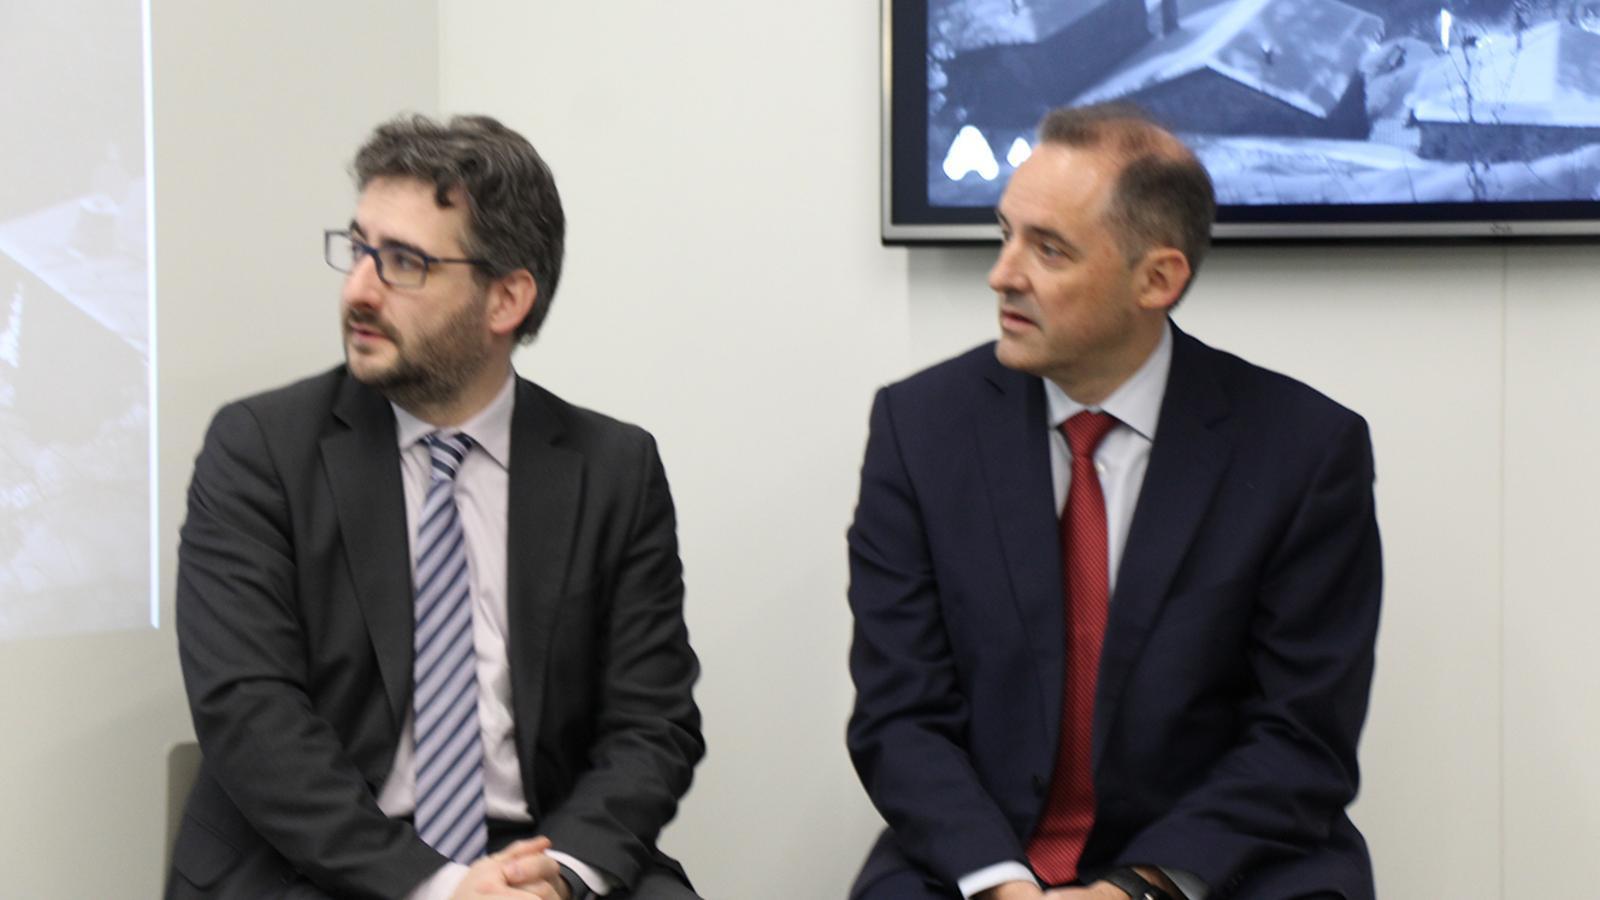 Foto: B. N. El ministre d'Educació i Ensenyament Superior, Eric Jover, i el director general d'Andorra Telecom, Jordi Nadal. / B. N. (ANA)